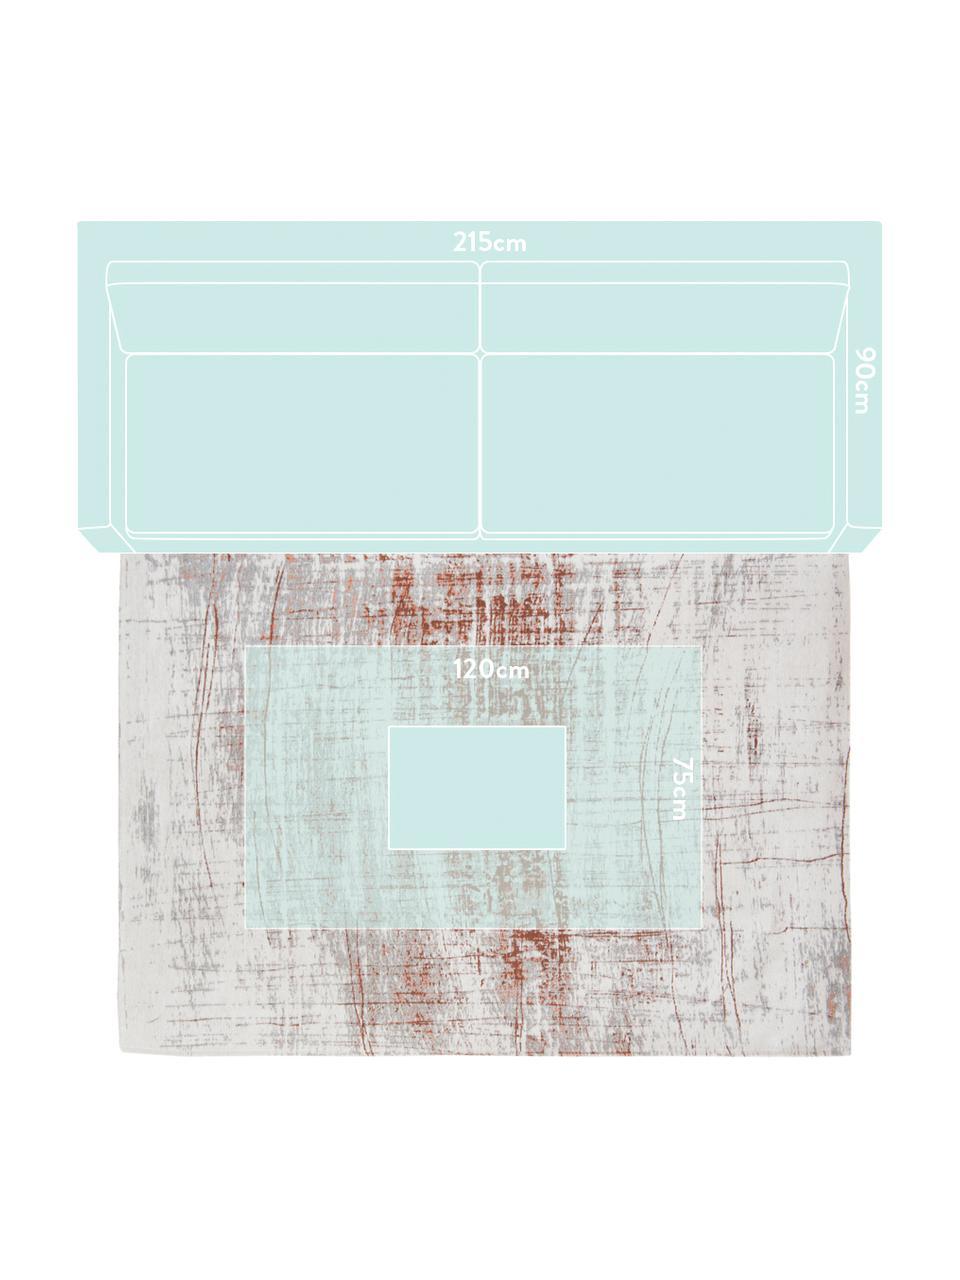 Vloerkleed Griff, Bovenzijde: 85%katoen, 15%hoogglanz, Weeftechniek: jacquard, Onderzijde: katoenmix, gecoat met lat, Bovenzijde: grijs, koperkleurig, gebroken wit, B 200 x L 280 cm (maat L)